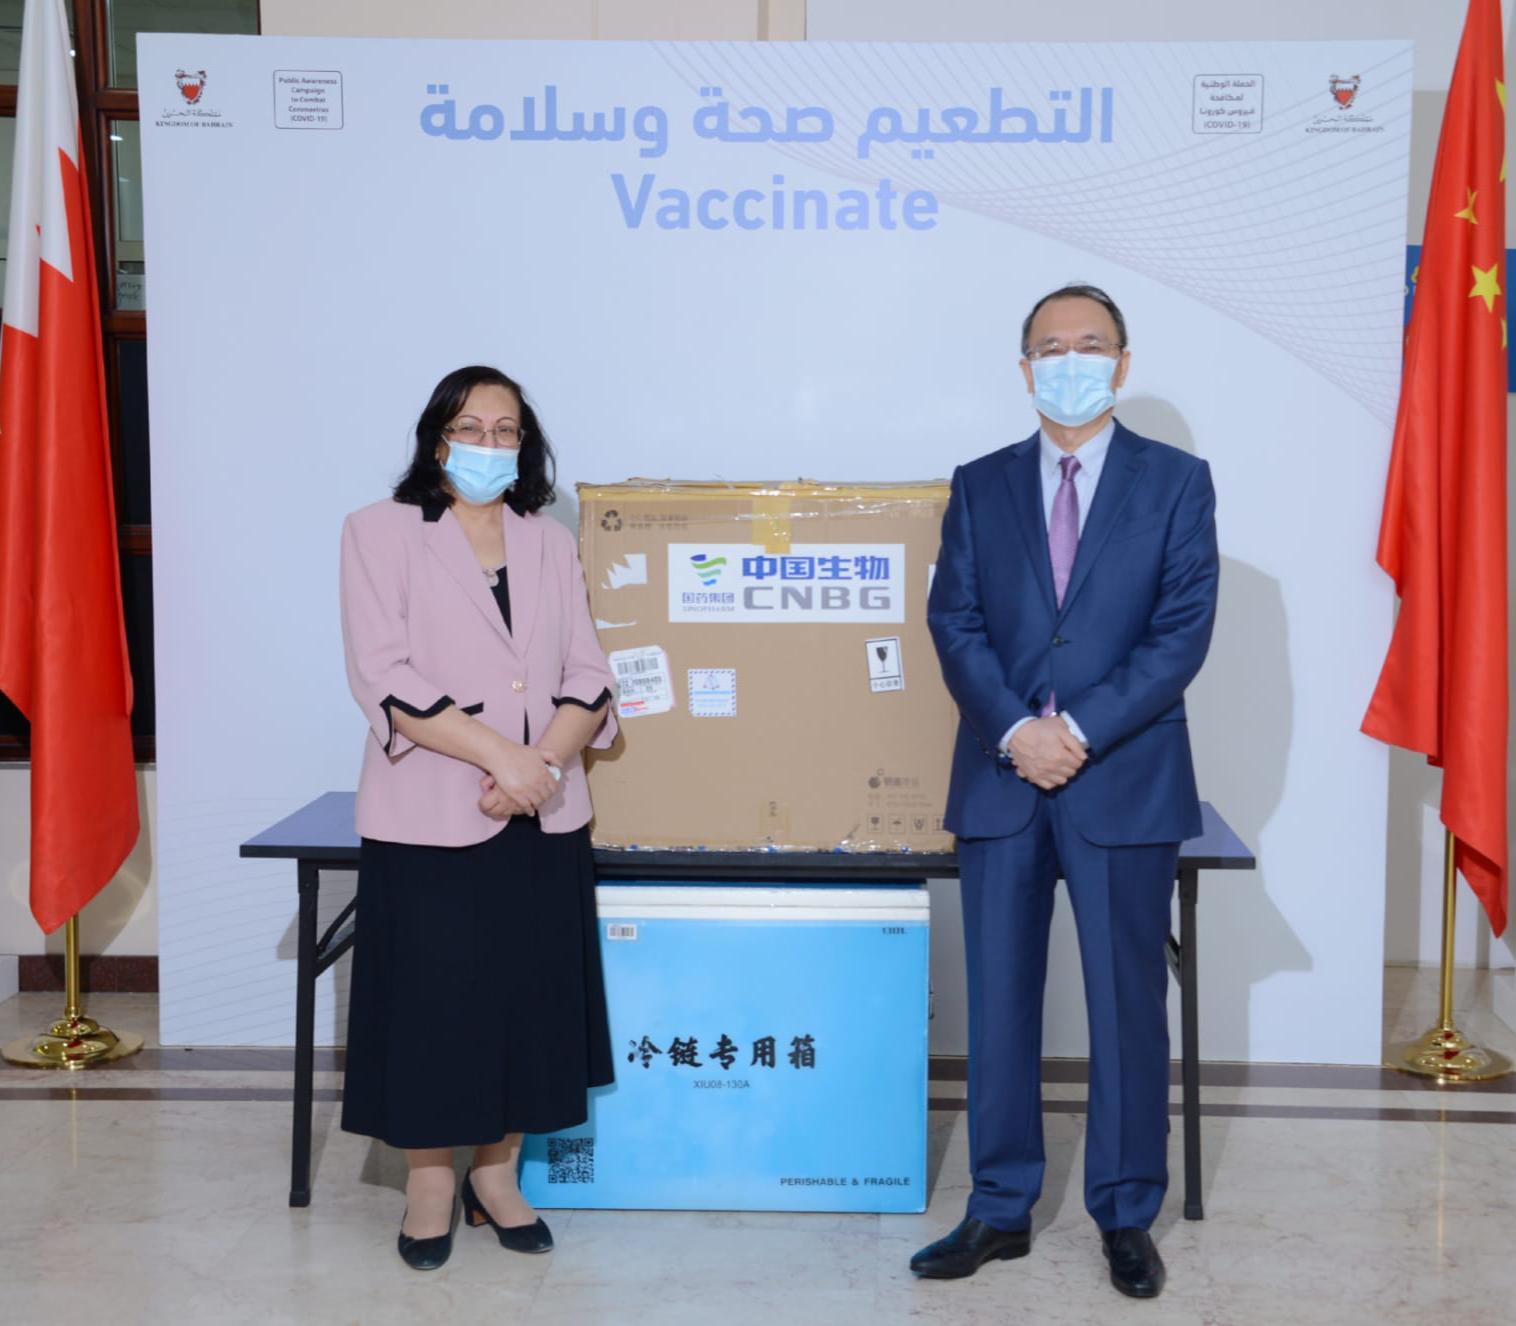 """الصحة تتسلم شحنة من 300 ألف جرعة من التطعيم الصيني """"سينوفارم"""" المضاد لفيروس كورونا (كوفيد-19)"""